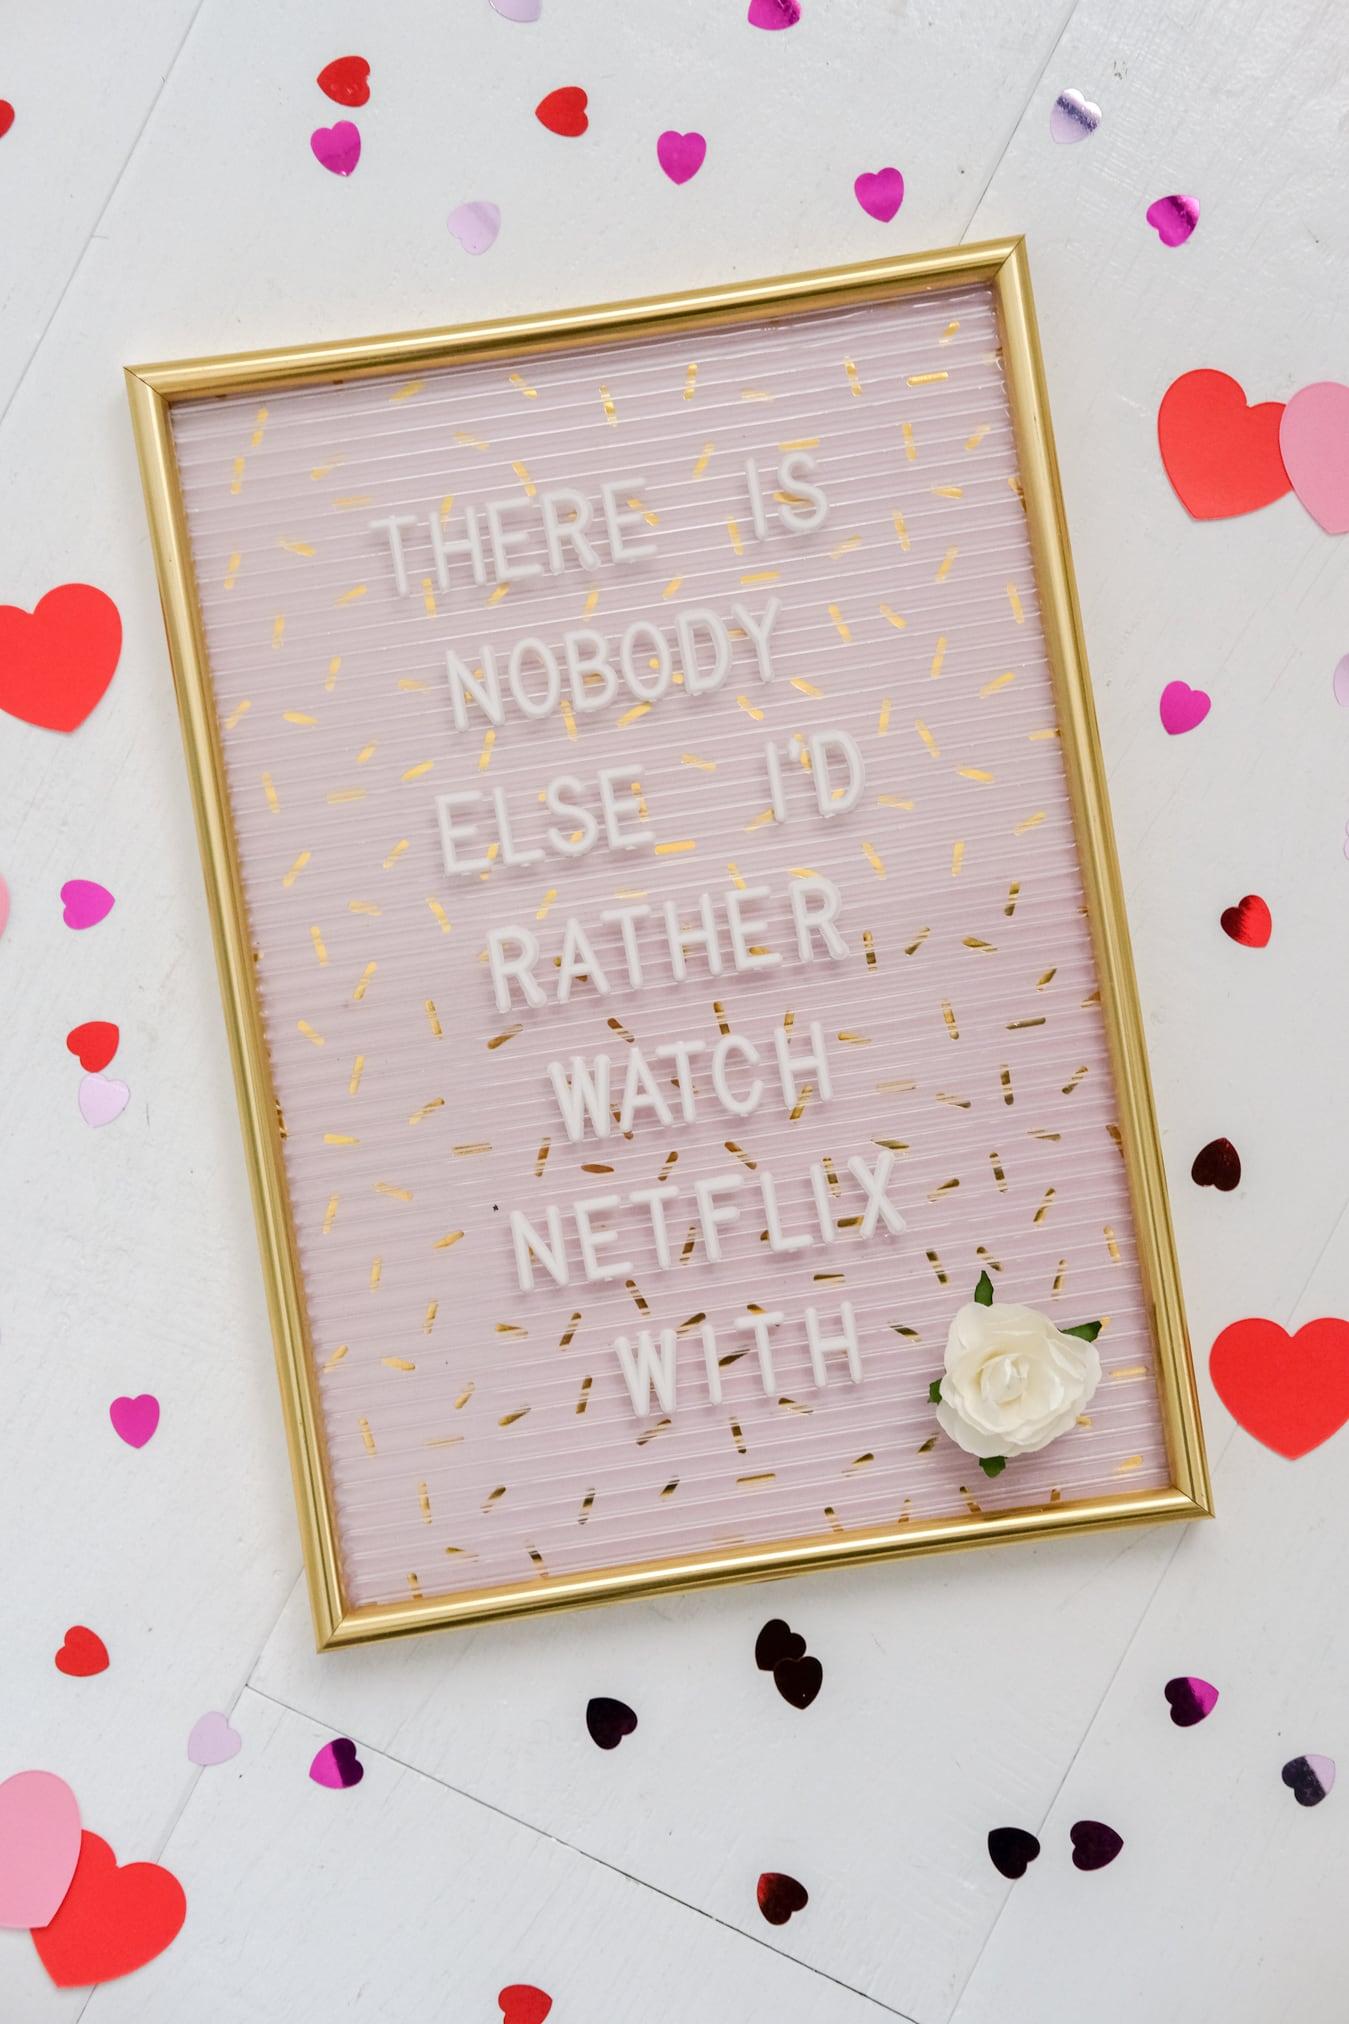 quote valentijnsdag netflix